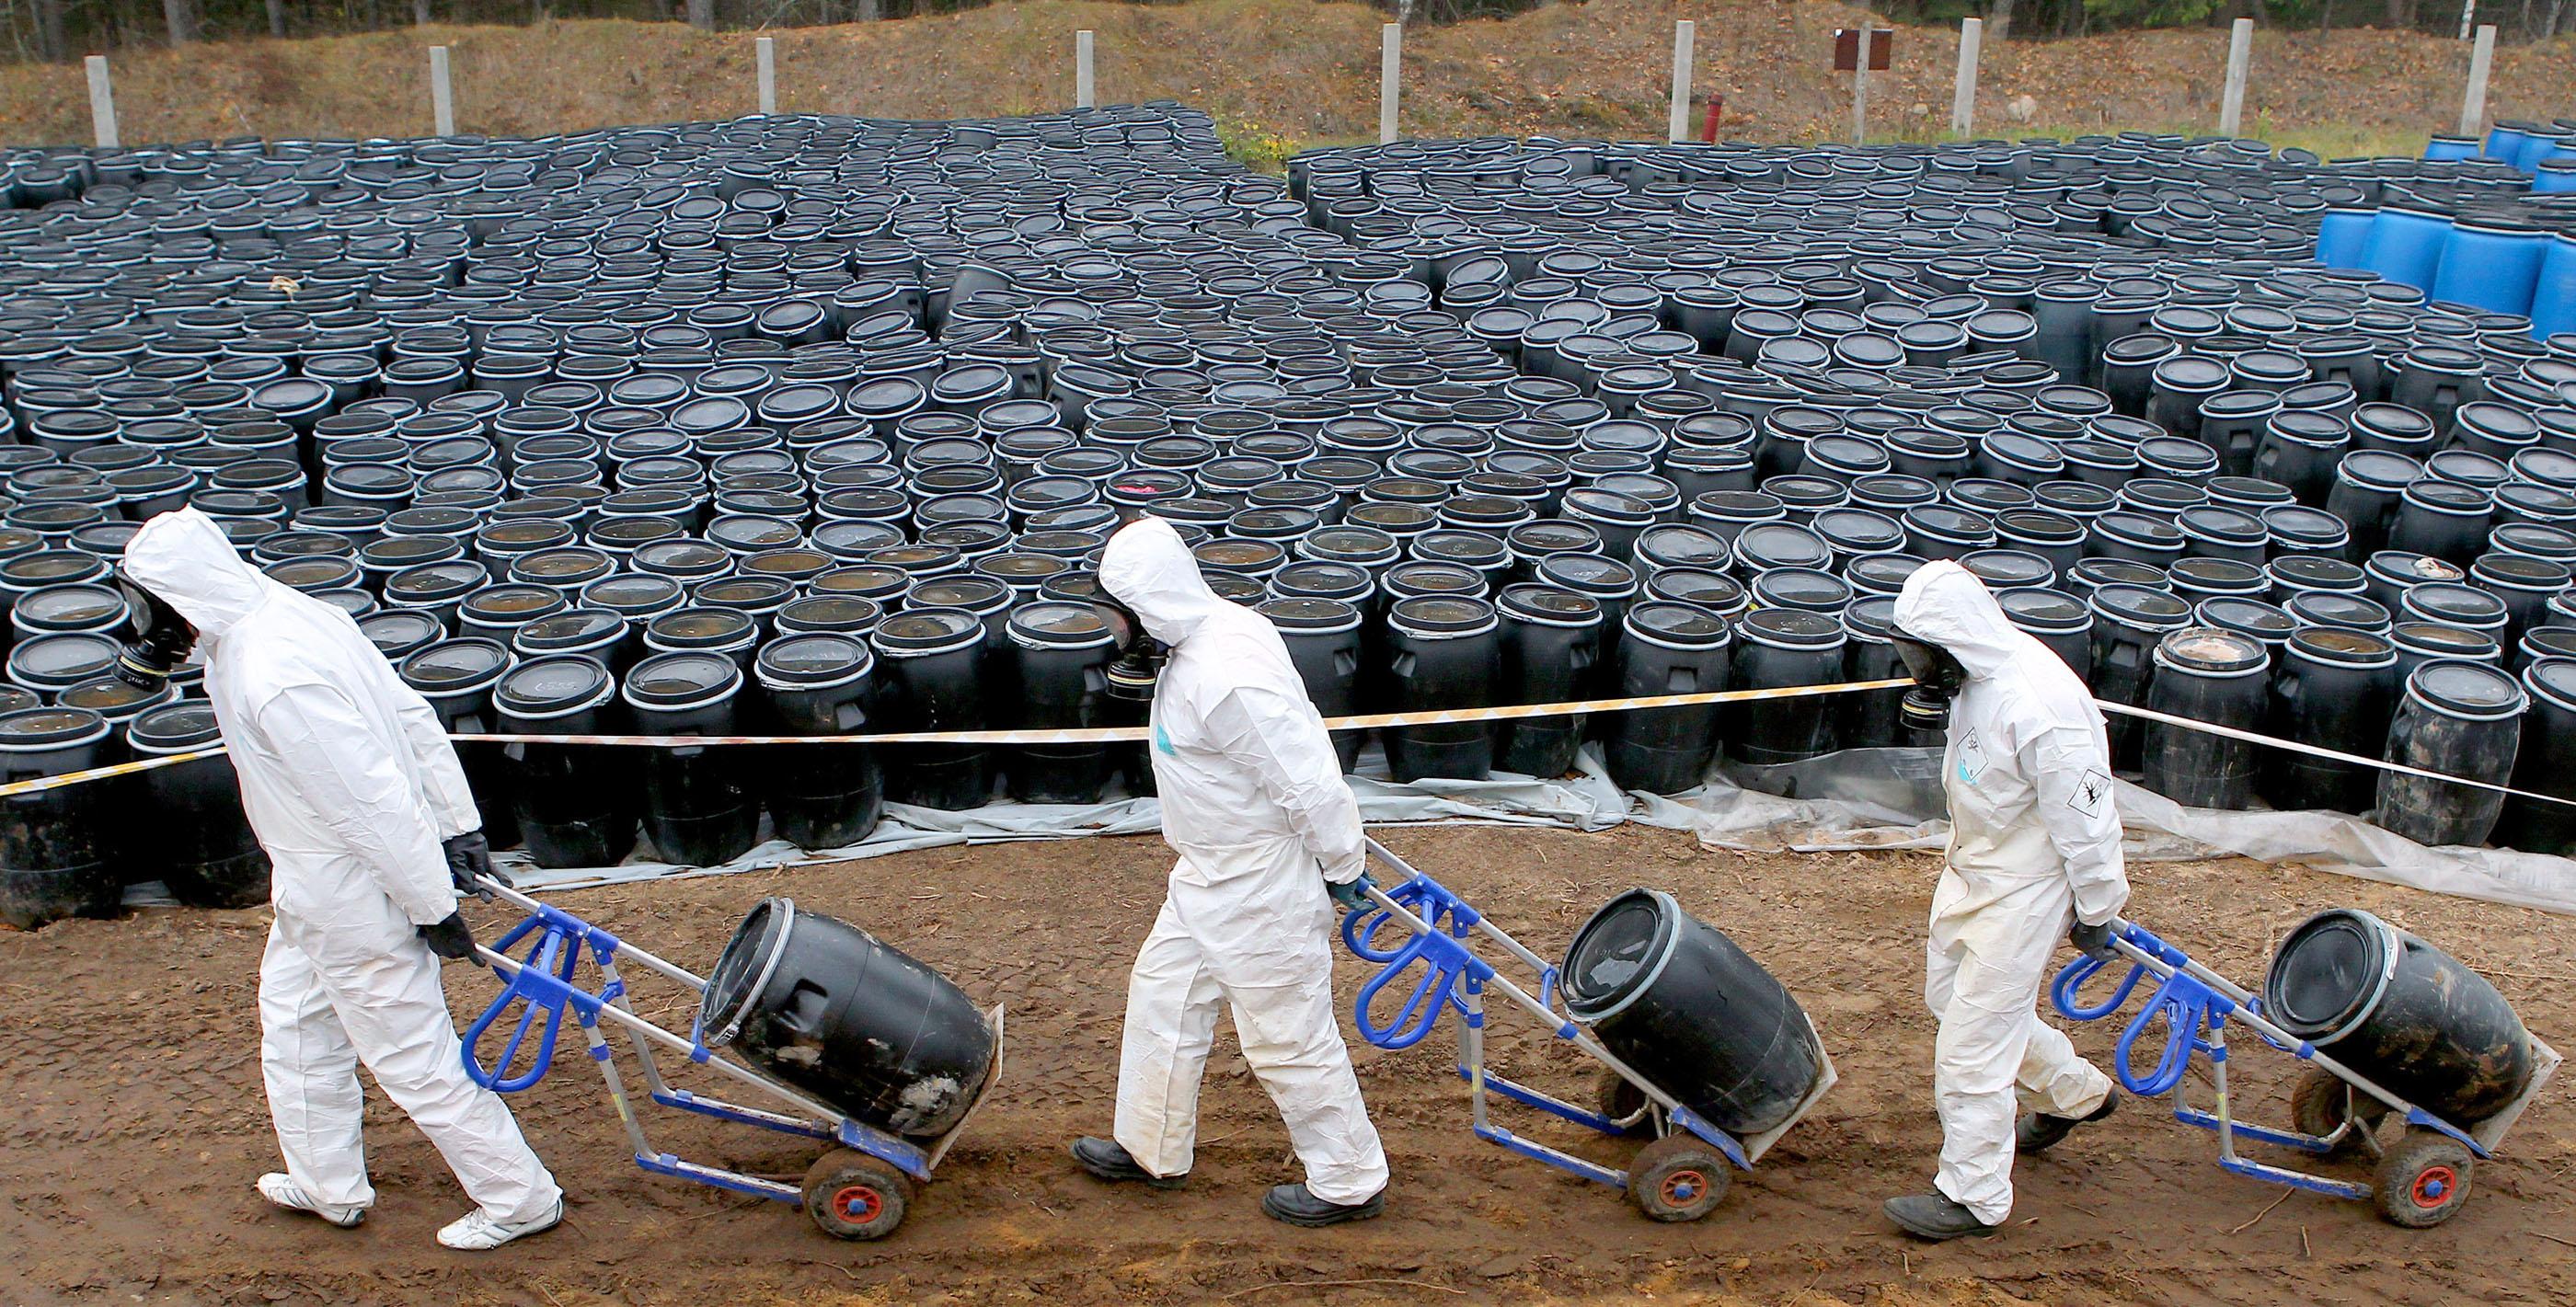 Захоронение нефтяных отходов